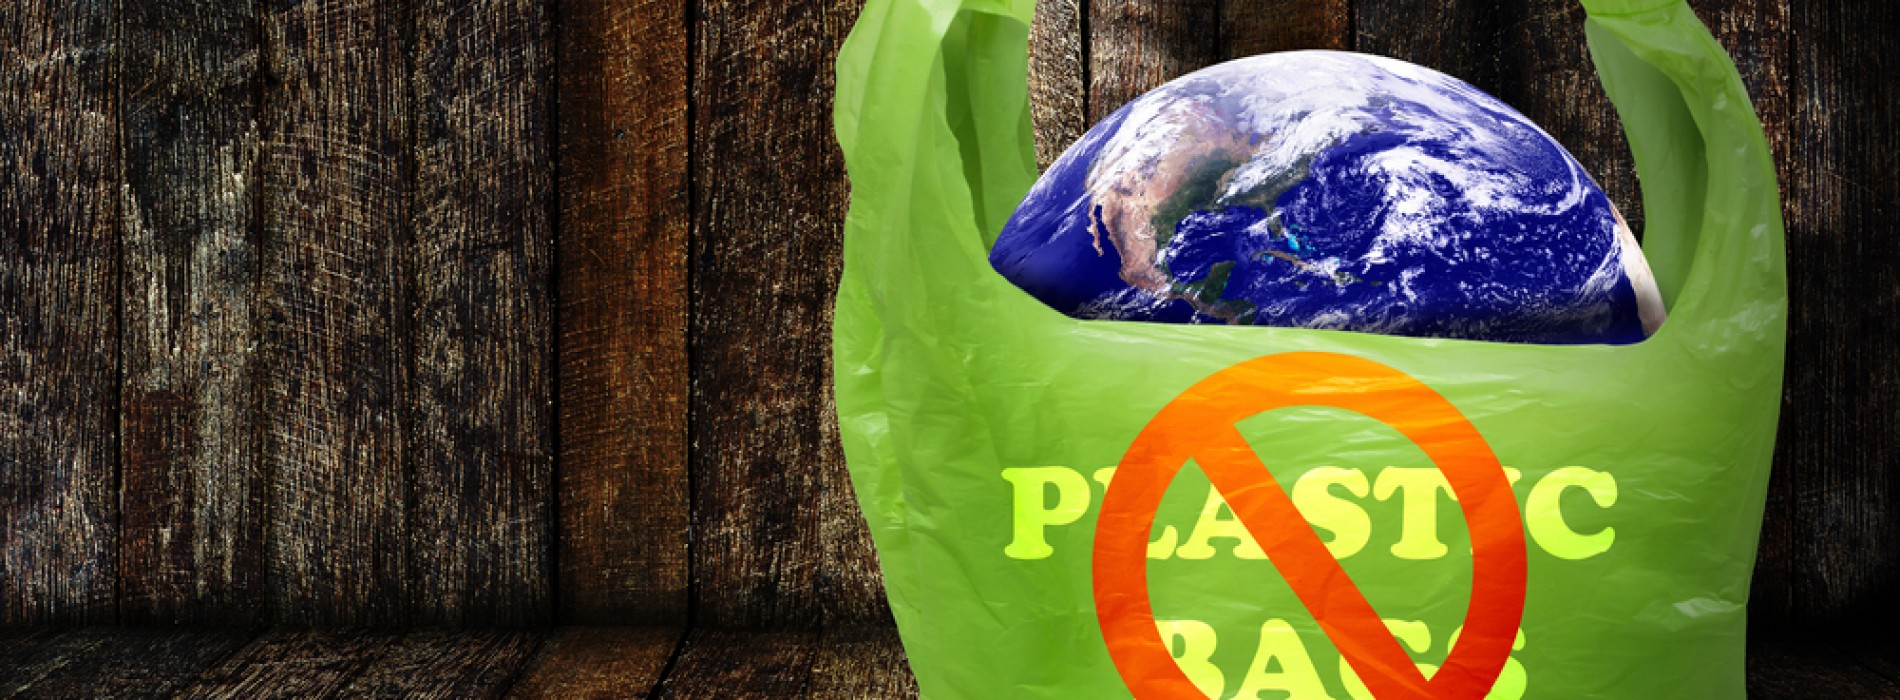 «Περιβαλλοντικό τέλος» στις πλαστικές σακούλες – Λογιστικά και  μηχανογραφικά θέματα c70ac4a3a66